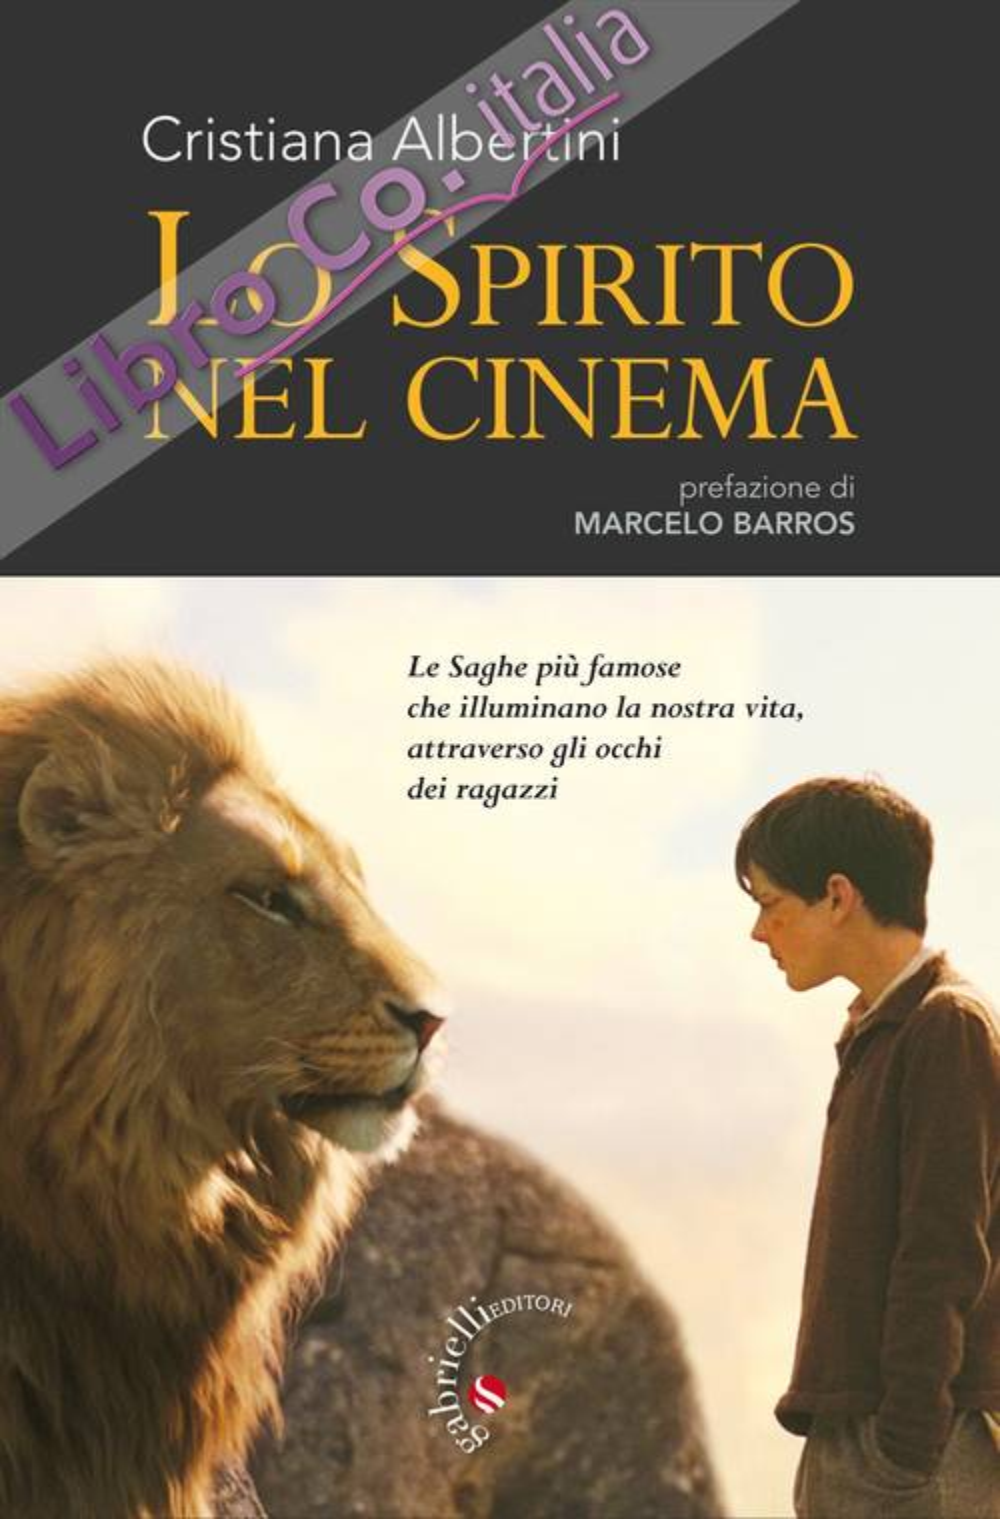 Lo spirito nel cinema. Le saghe più famose che illuminano la nostra vita, attraverso gli occhi dei ragazzi